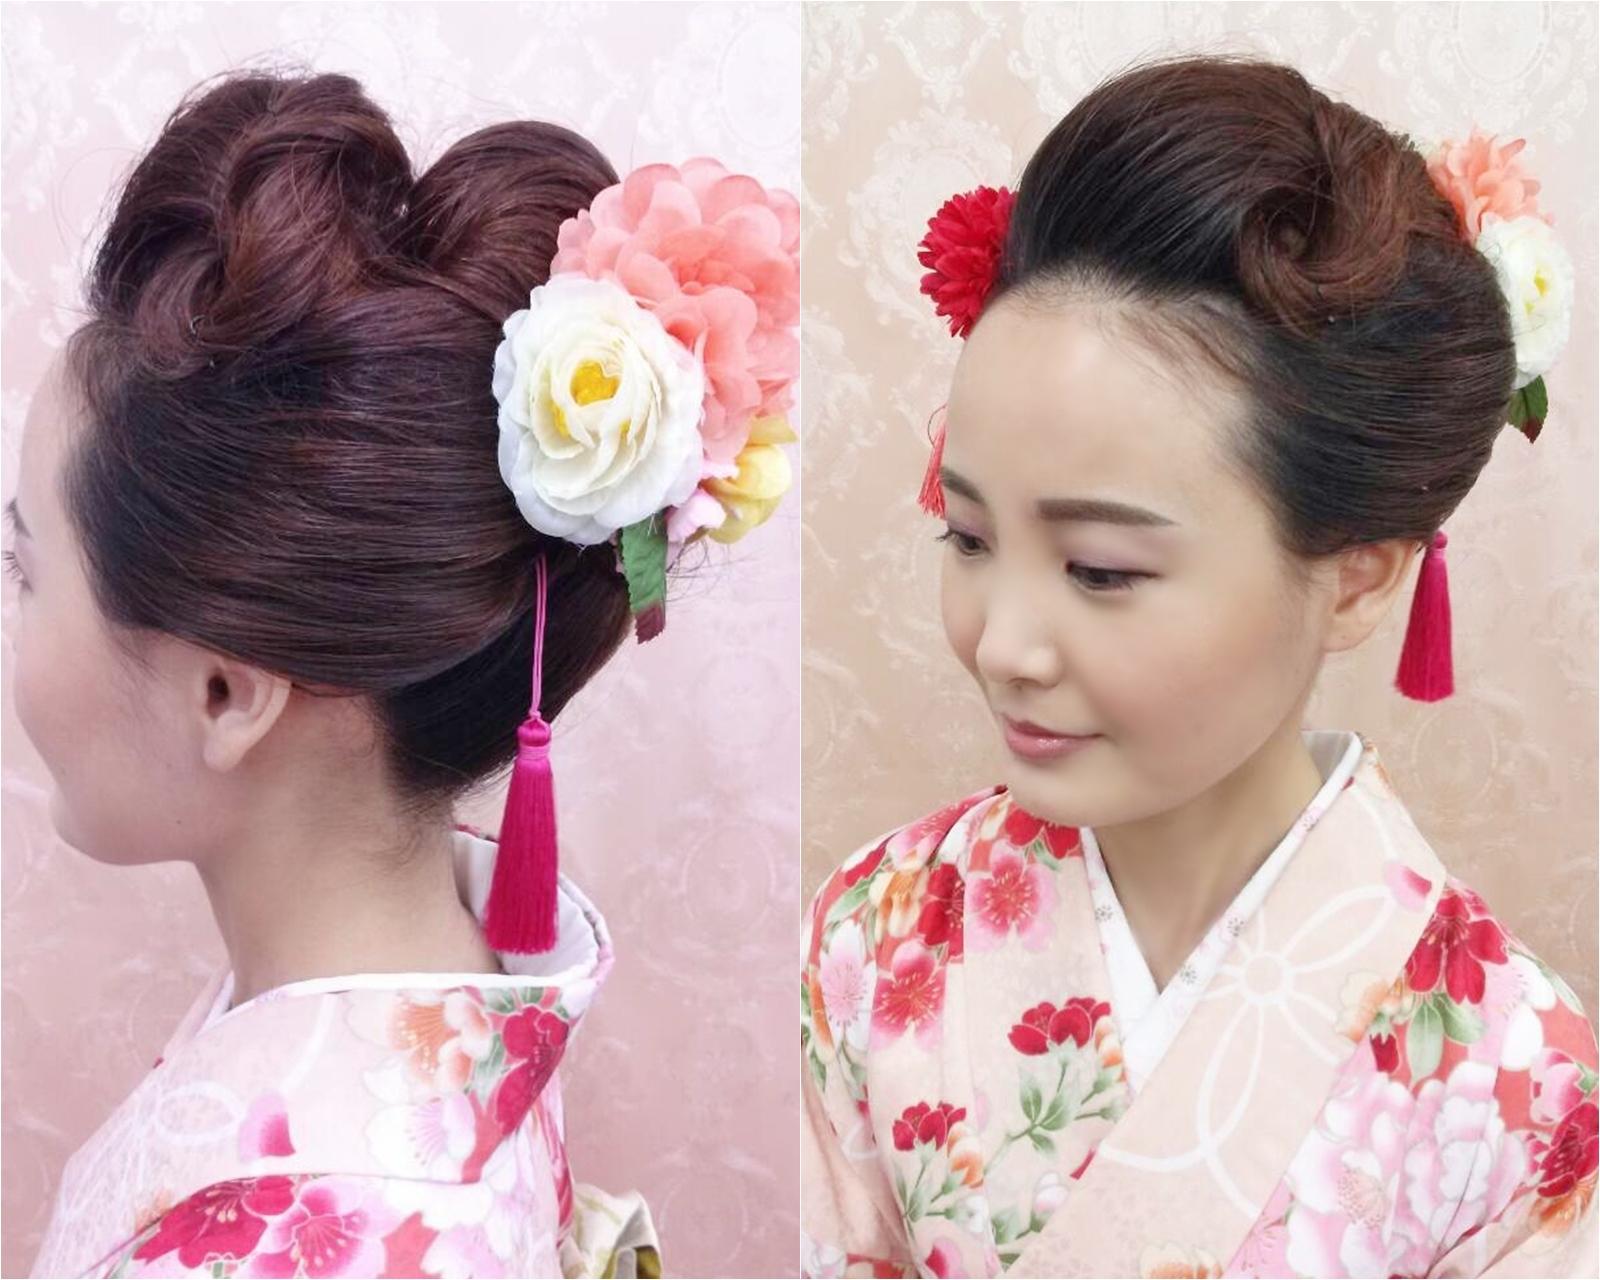 フロントねじりアレンジのお出かけ日本髪